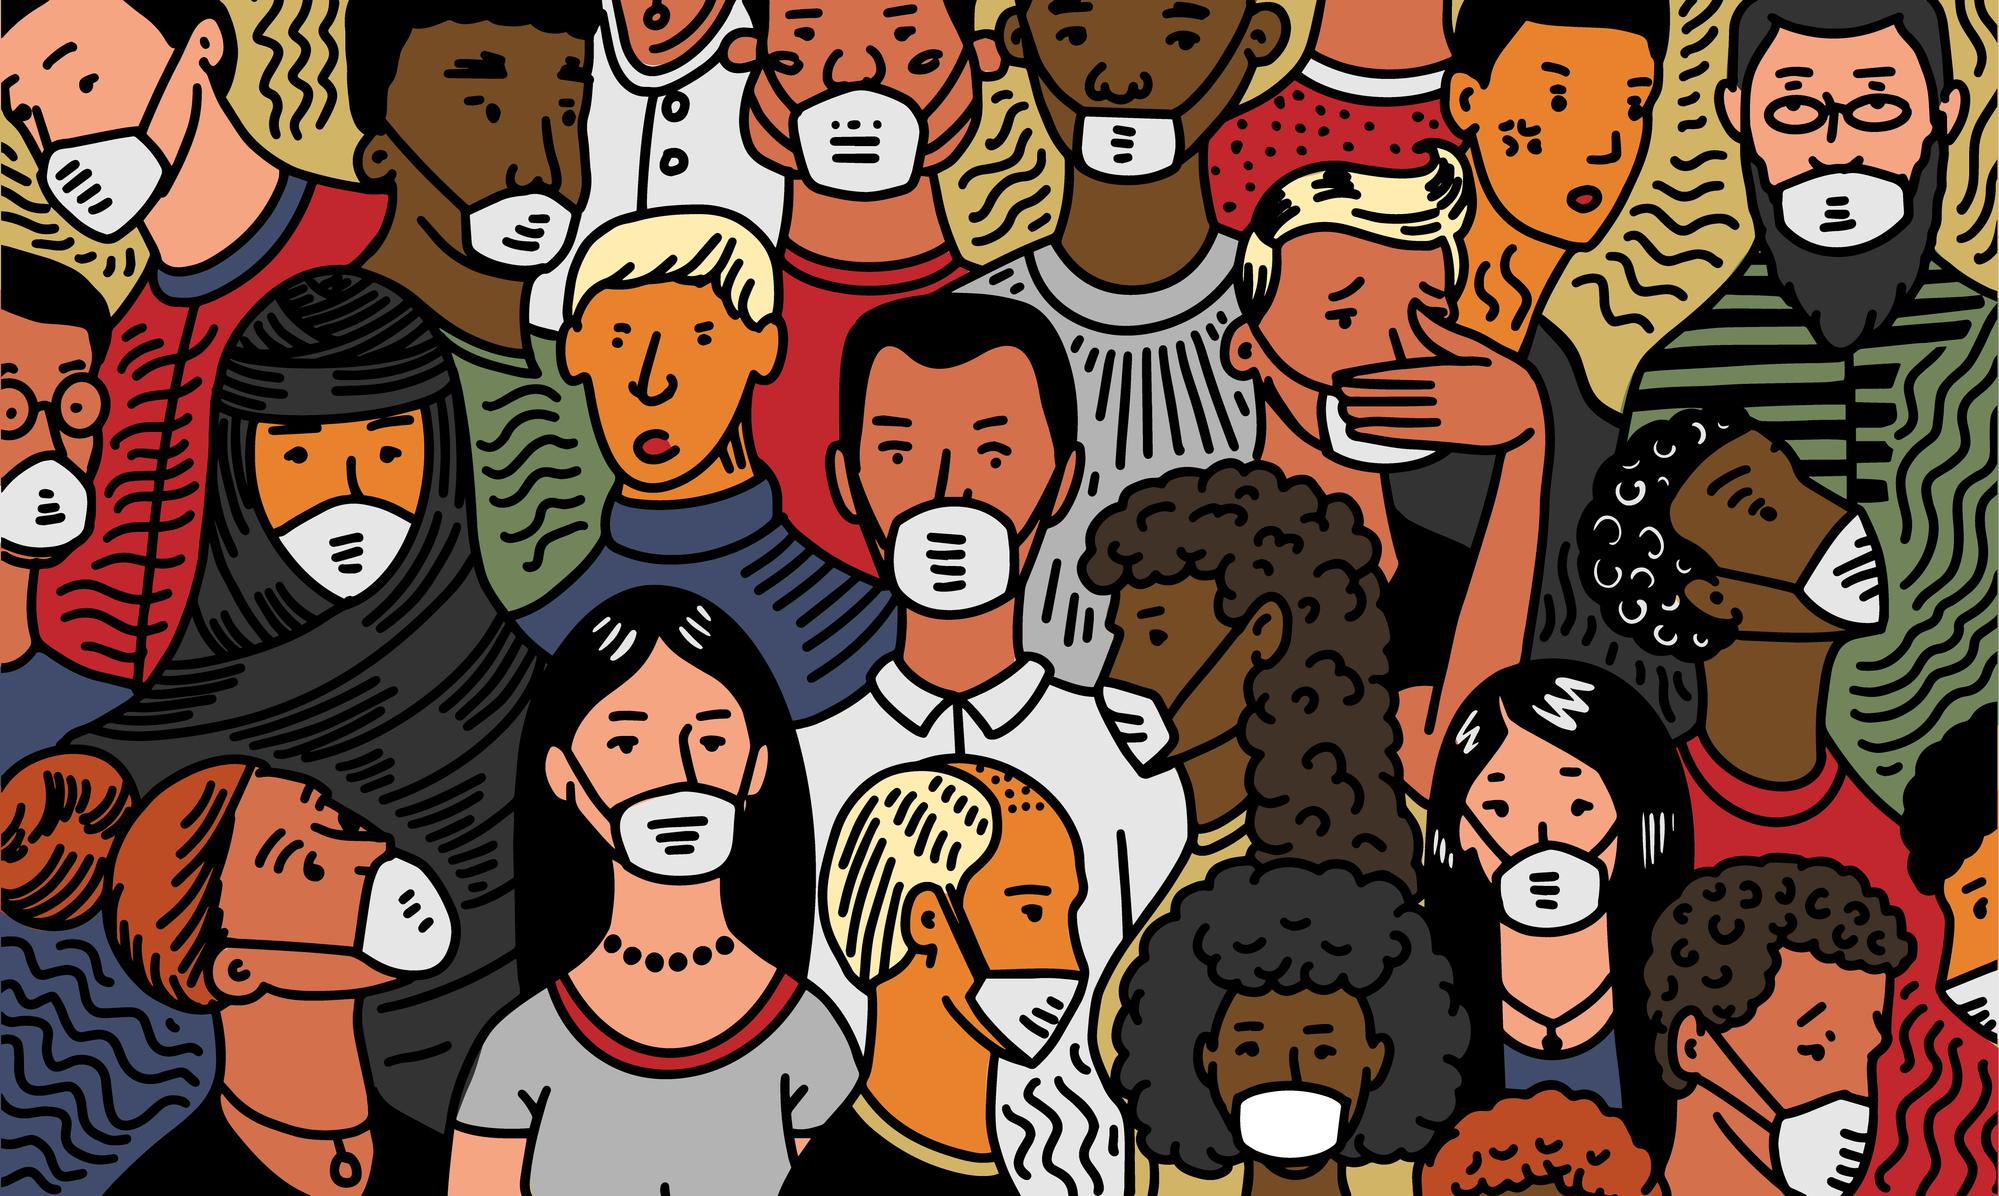 Иллюстрация люди в масках